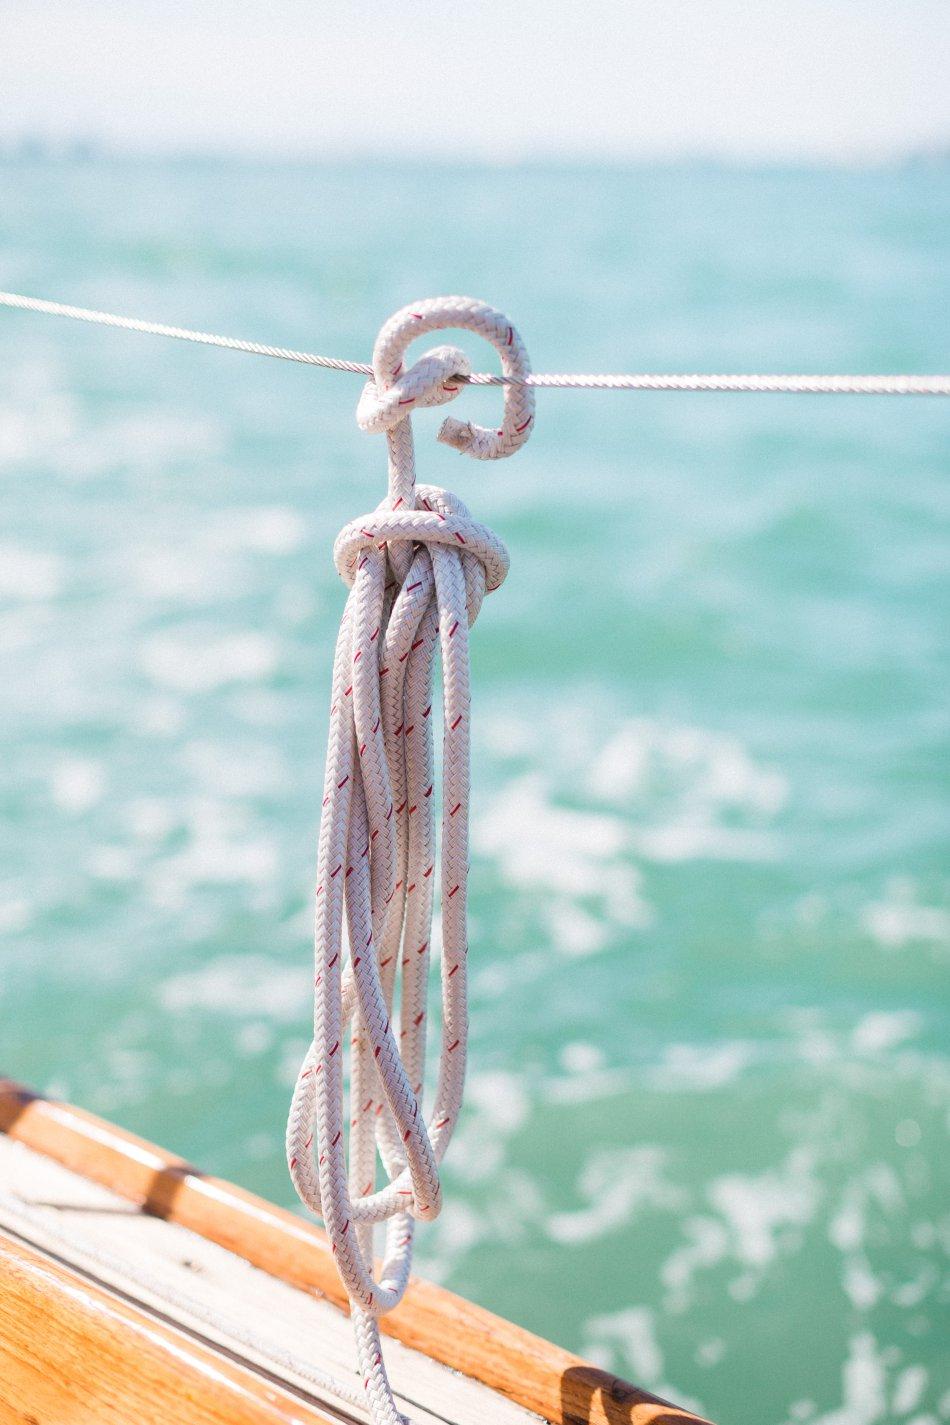 naples-luxury-sailing-engagement-photography-nautical-sailboat-engagement_1059.jpg